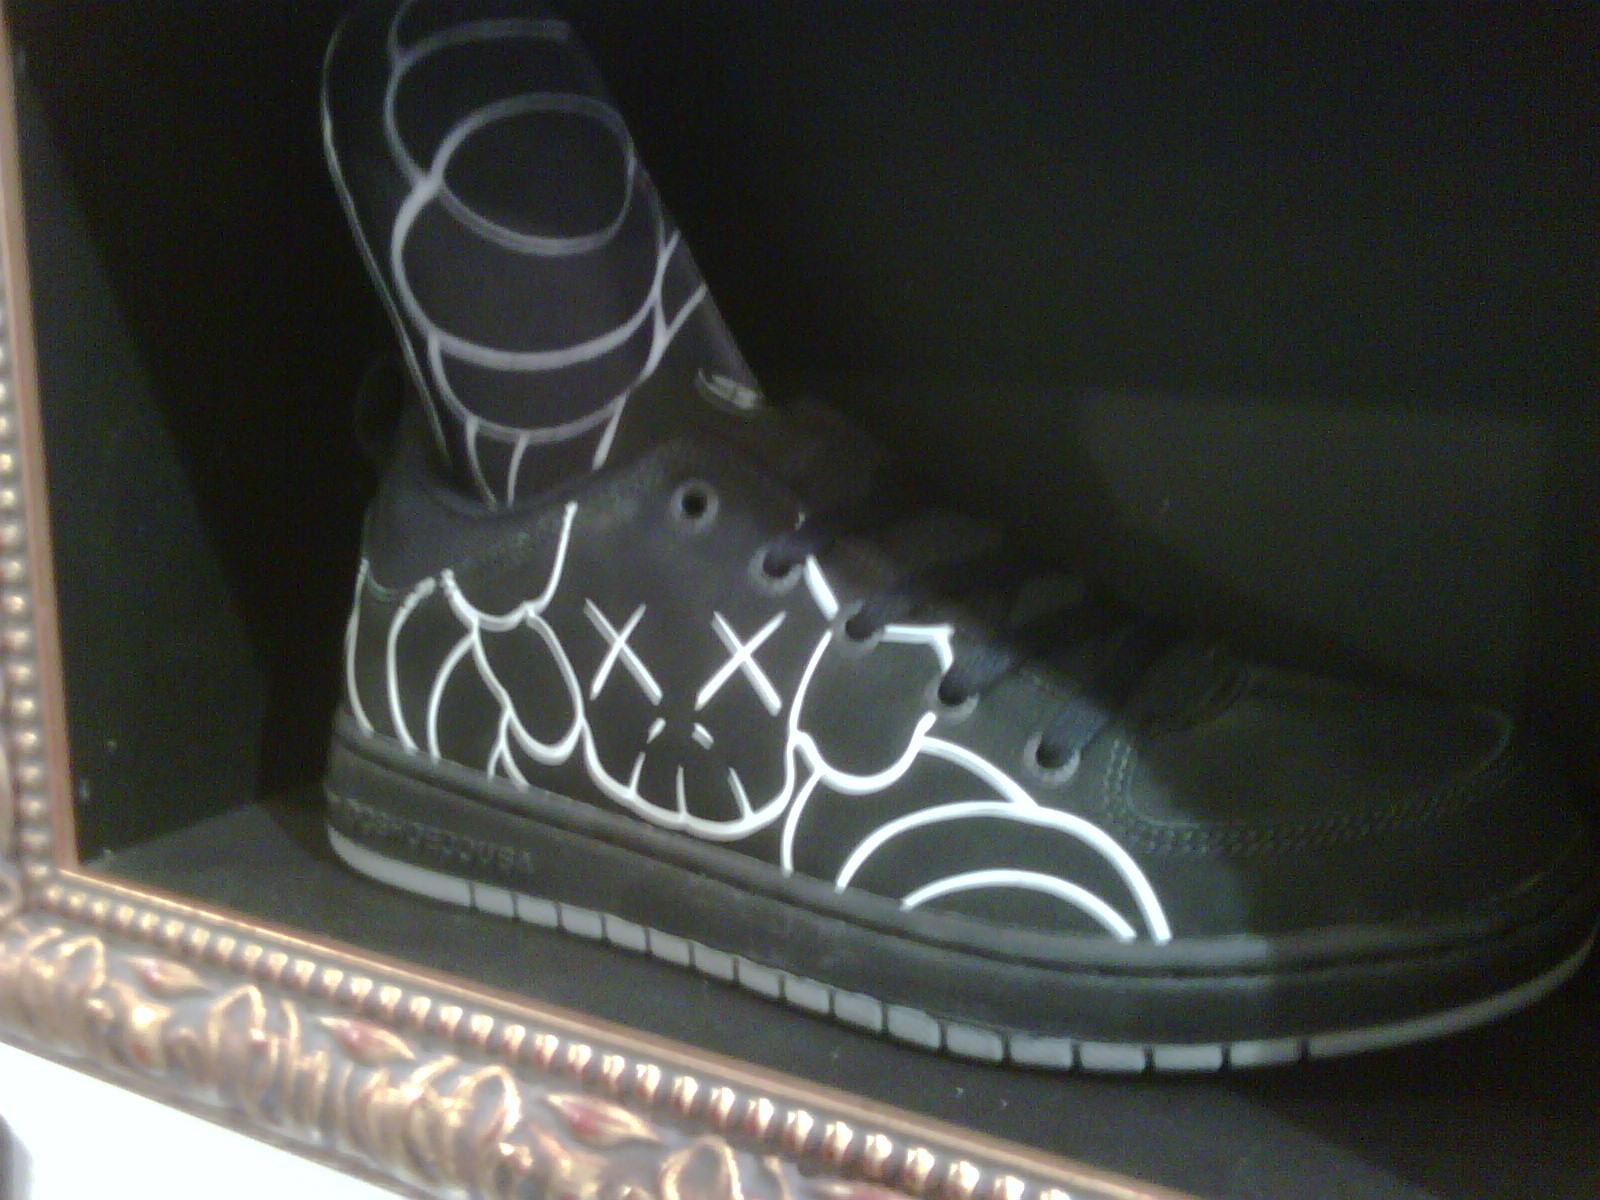 dc x shoes up kaws